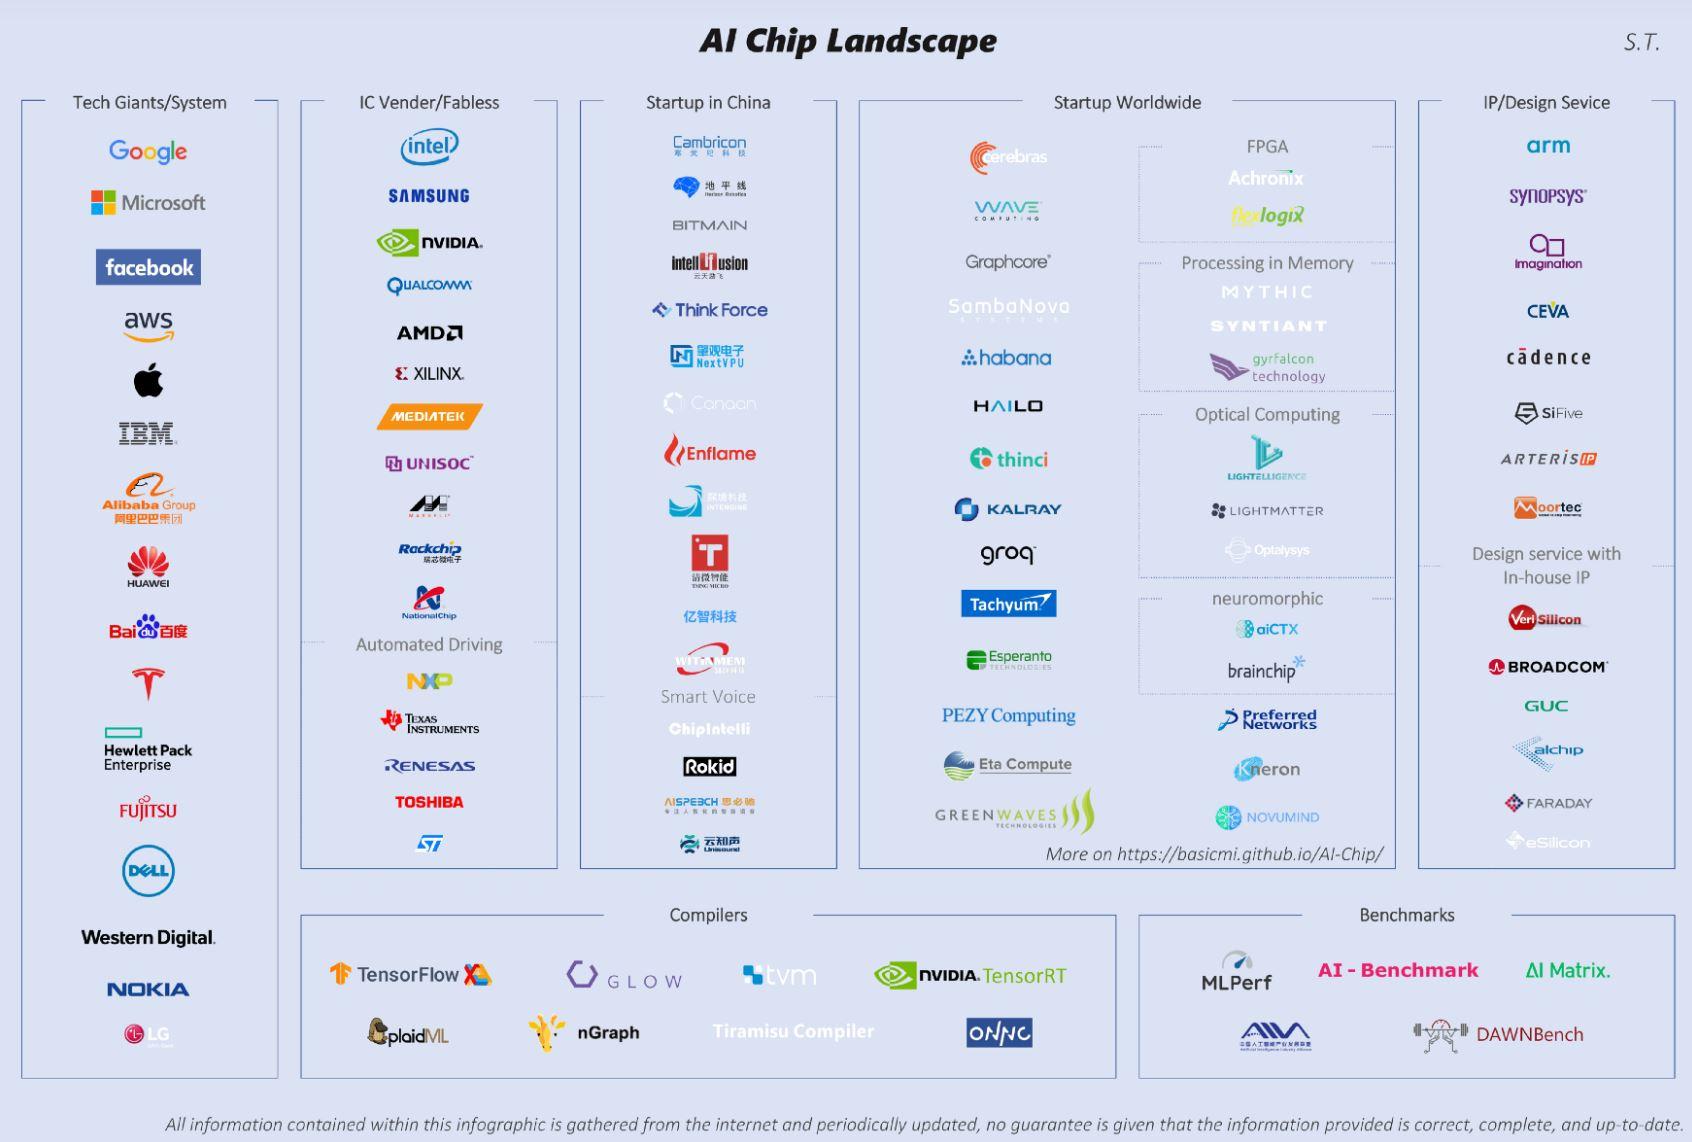 AI Chip Landscape Q3 2019